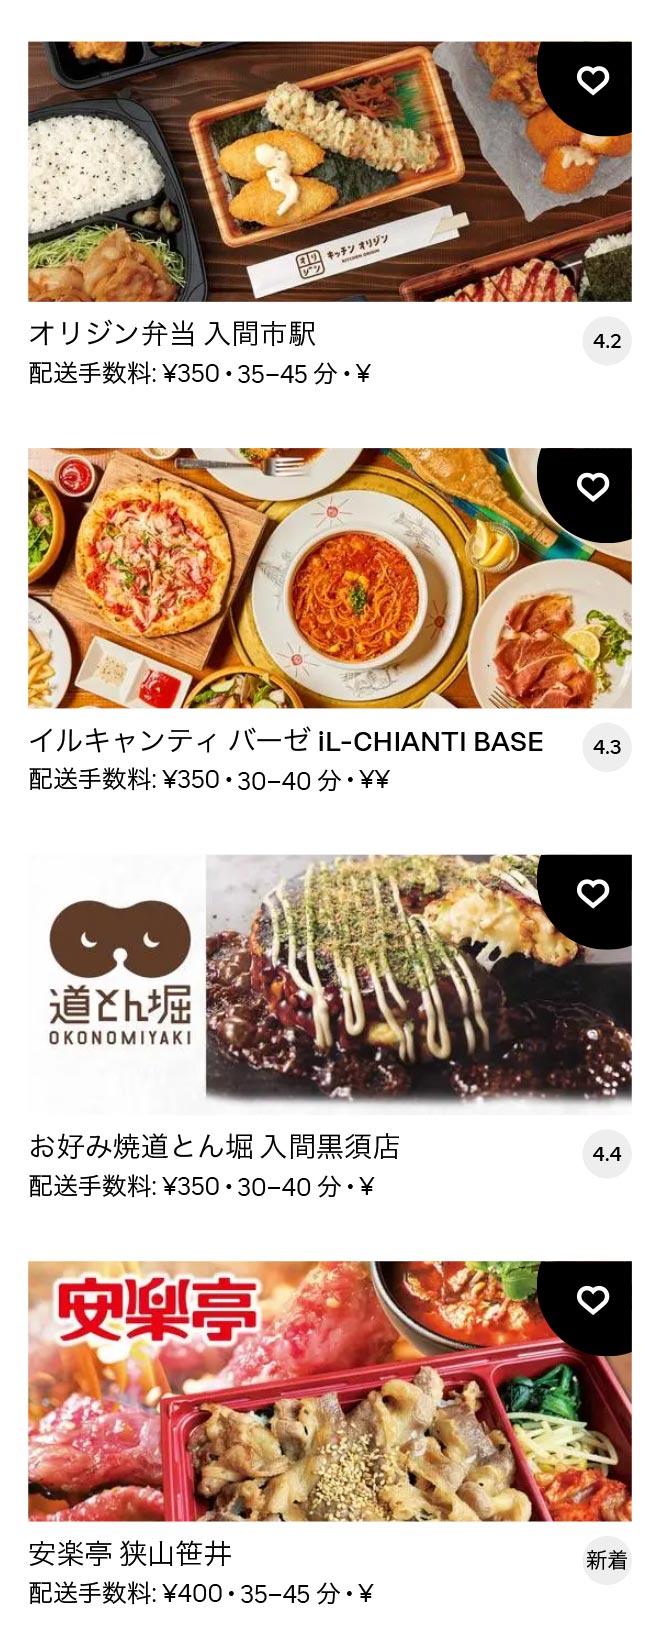 Sayama menu 2102 07